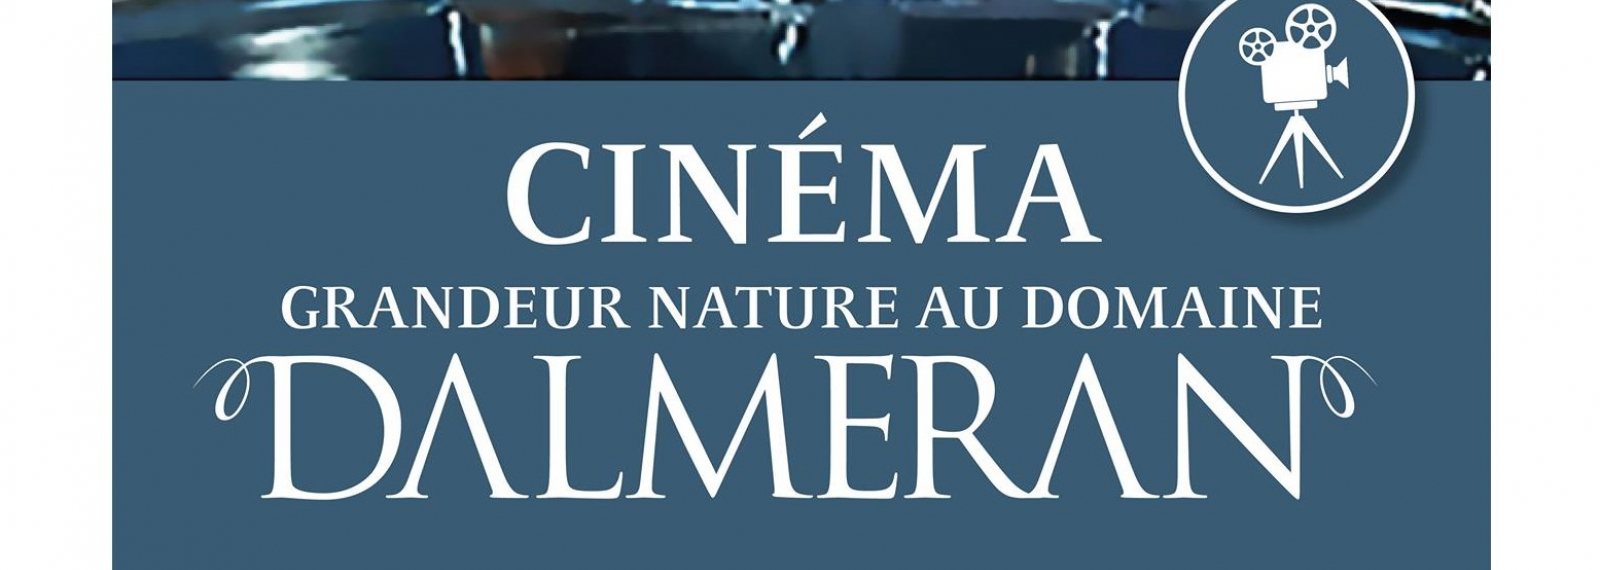 Cinéma au Domaine de Dalmeran à Saint-Étienne-du-Grès